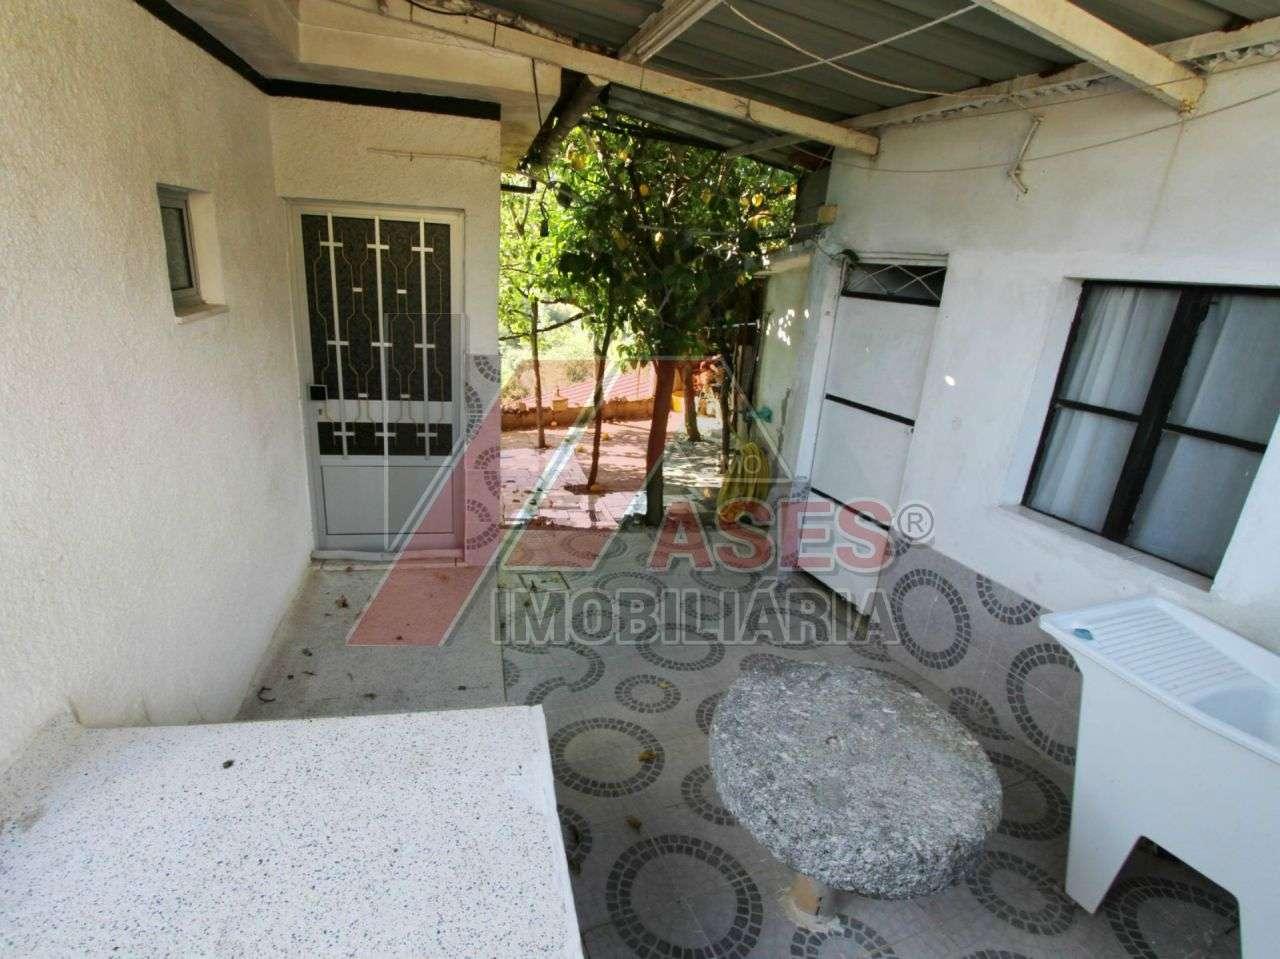 Moradia para comprar, Ribeiros, Braga - Foto 14